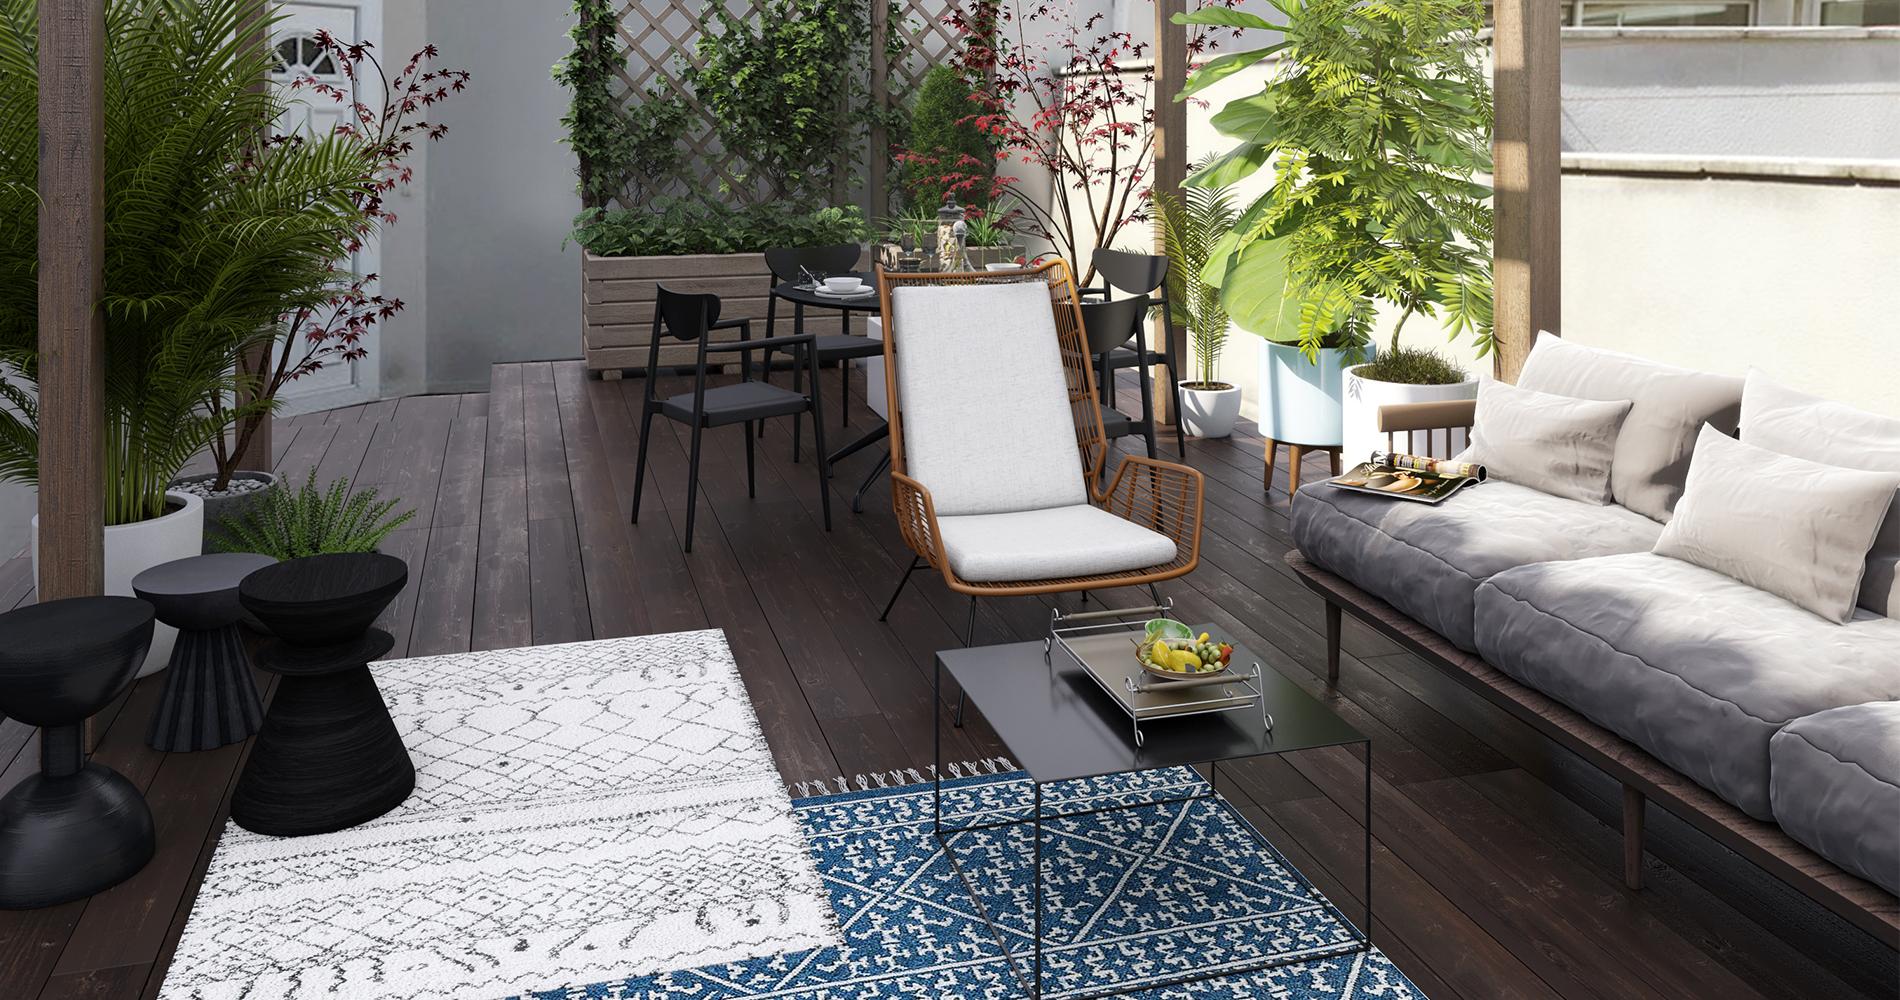 Comment Décorer Sa Terrasse ? - Madame Figaro intérieur Amenager Une Grande Terrasse